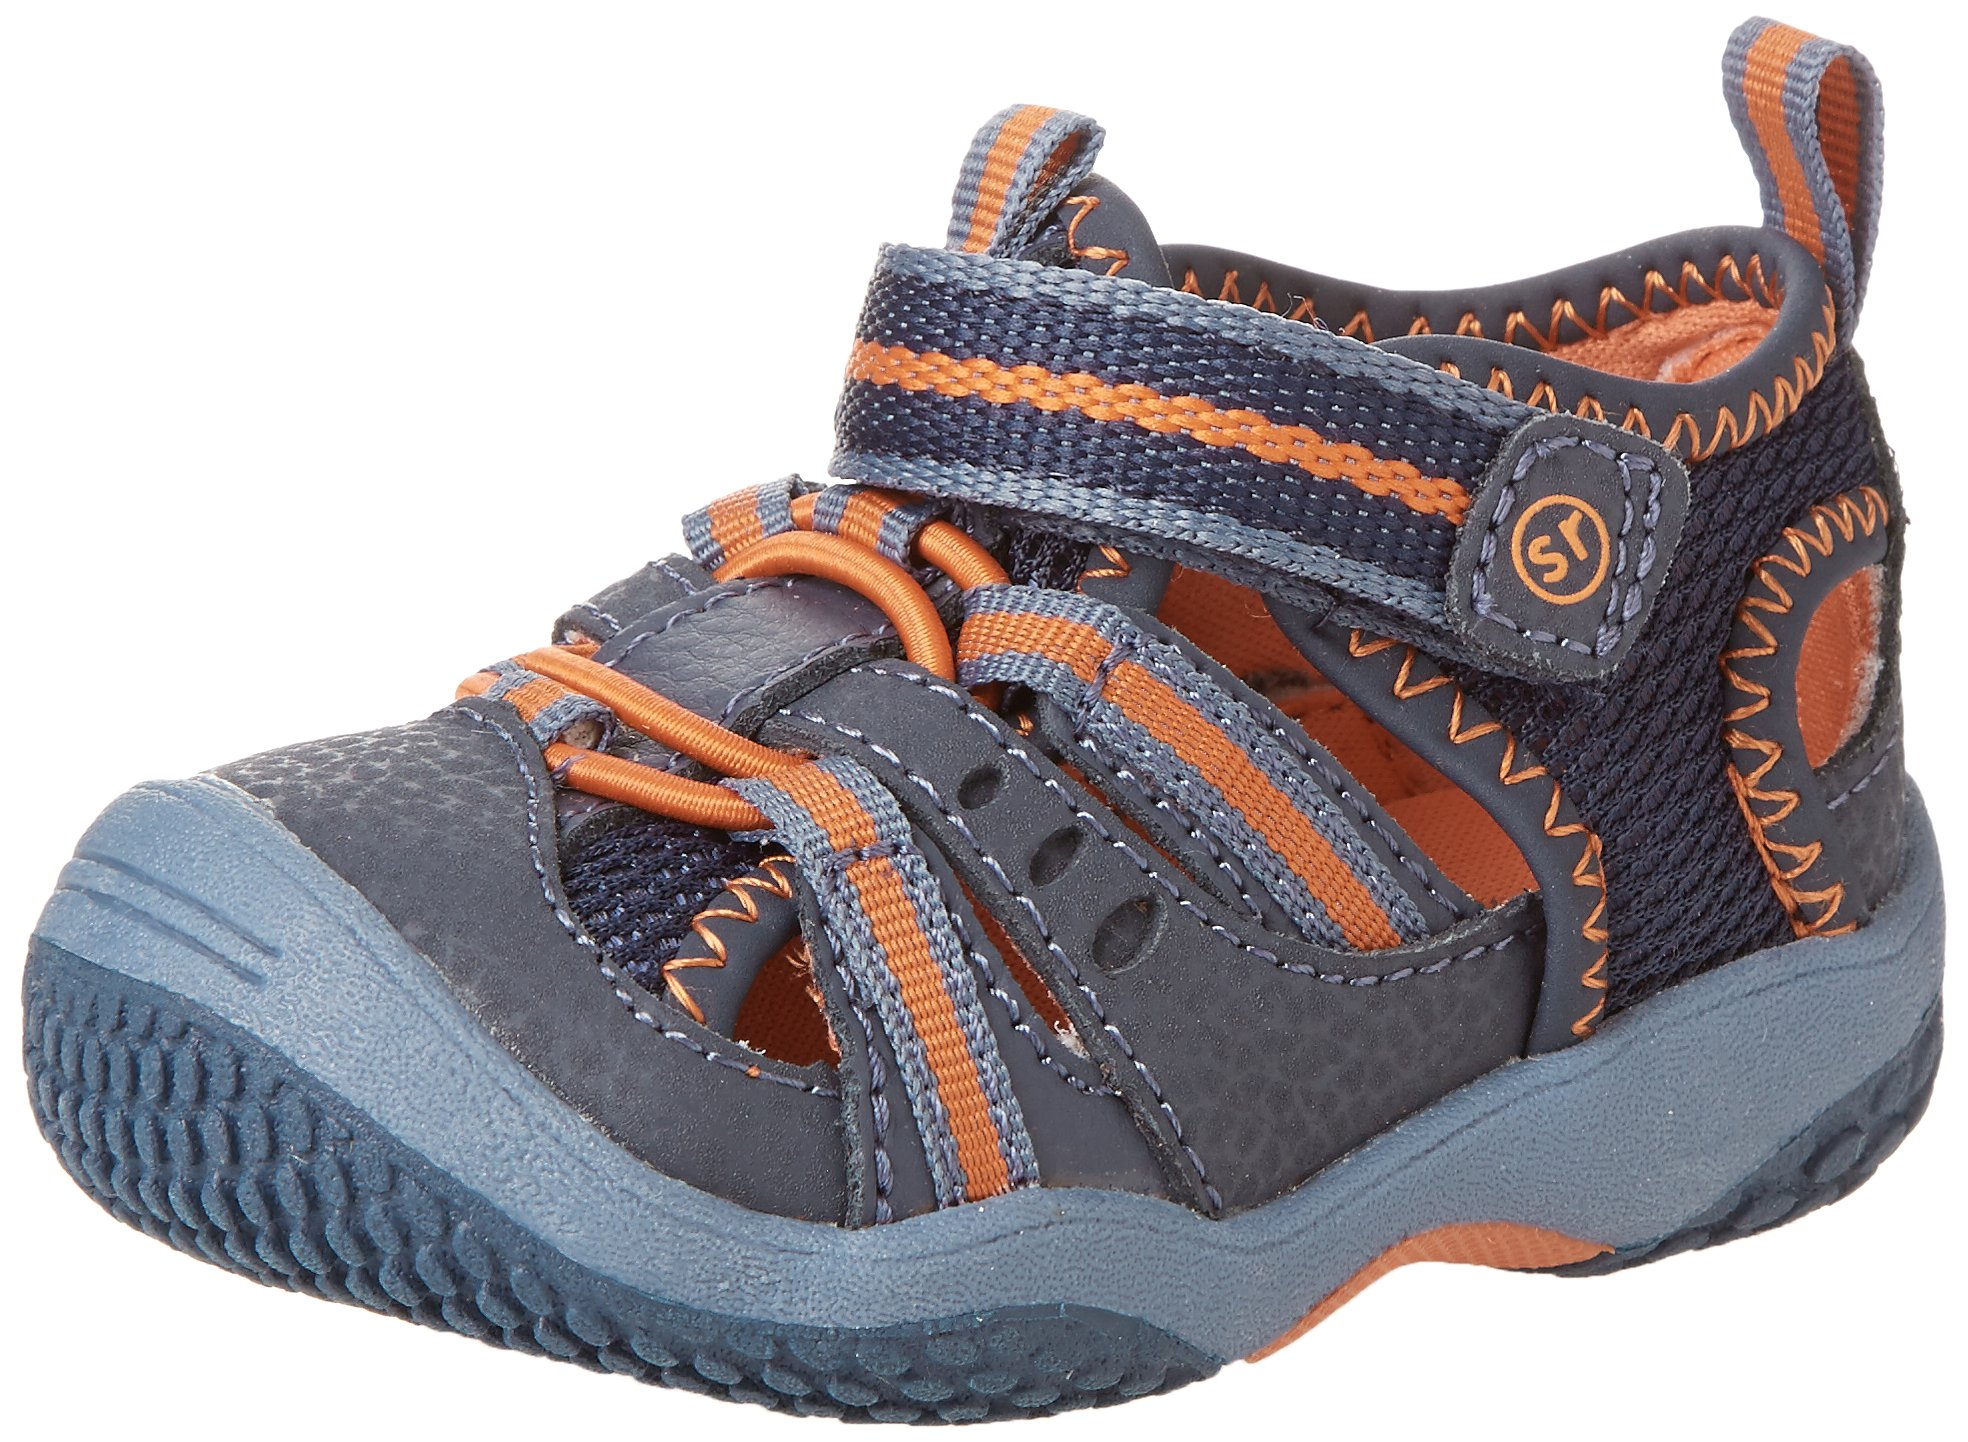 Stride Rite Baby Riff Water Sandal (Infant/Toddler),Navy/Orange,4 M US Toddler